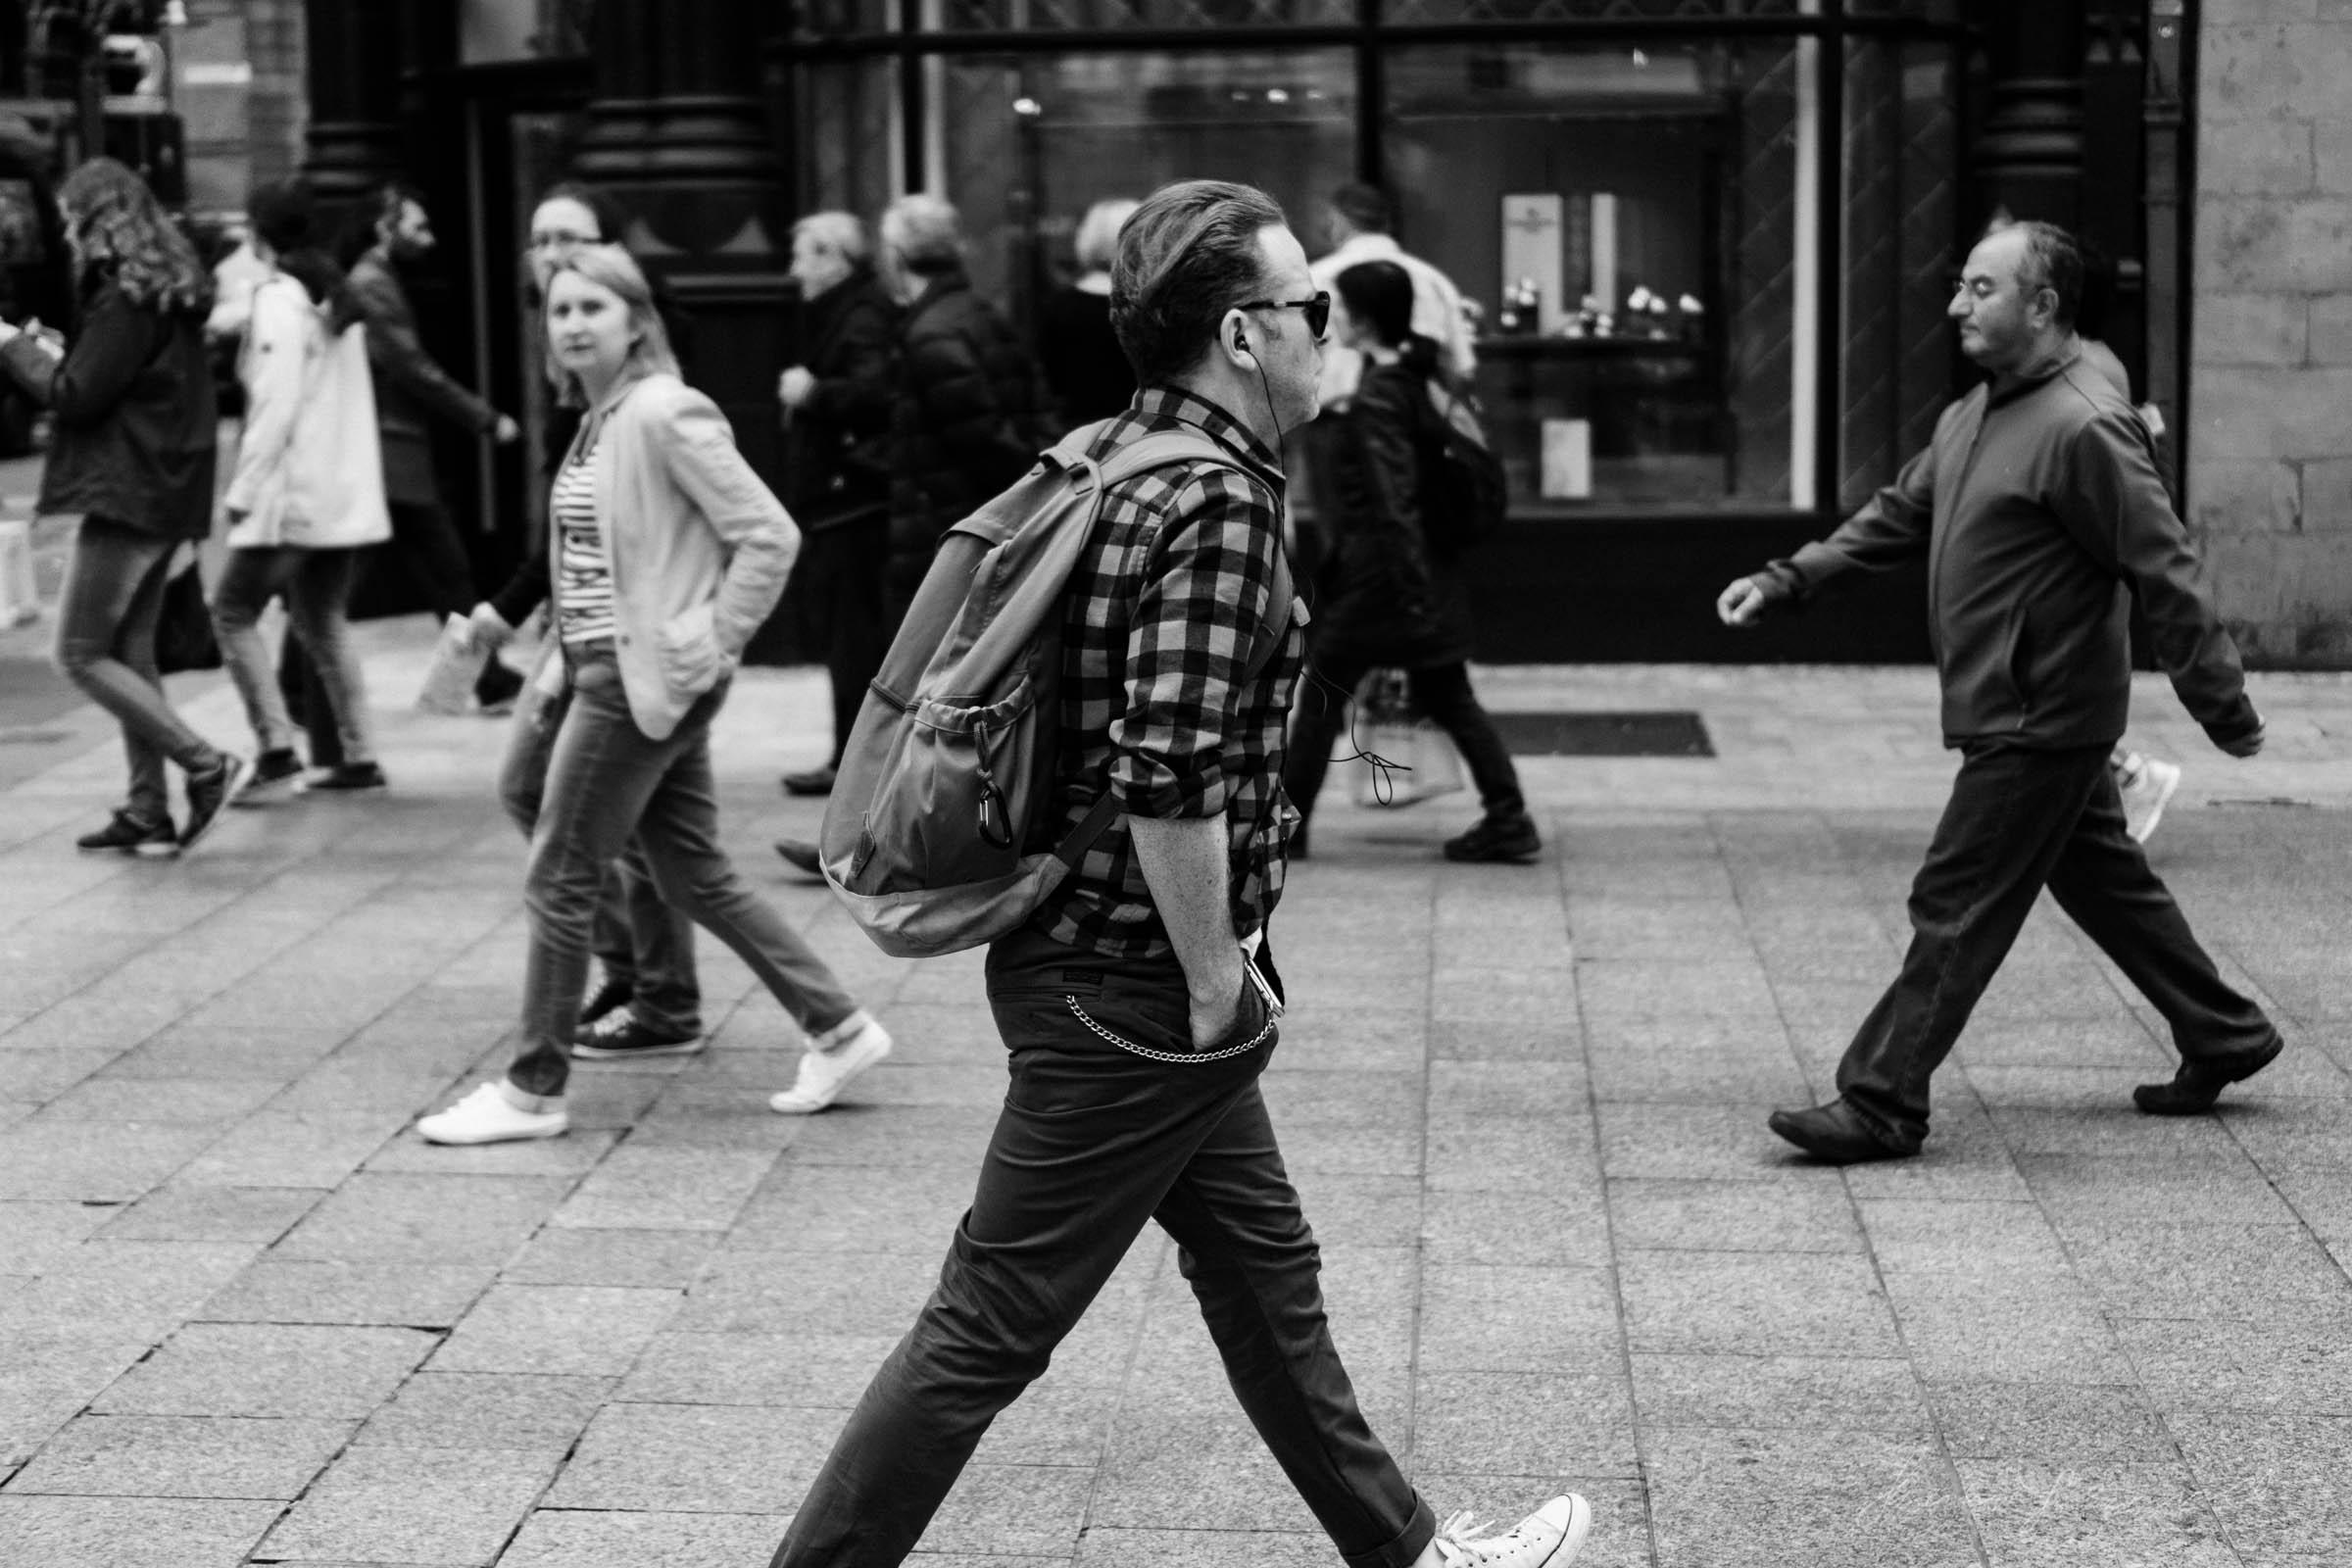 Street-Photo-Diary-No-6-BW-Dublin-17.jpg